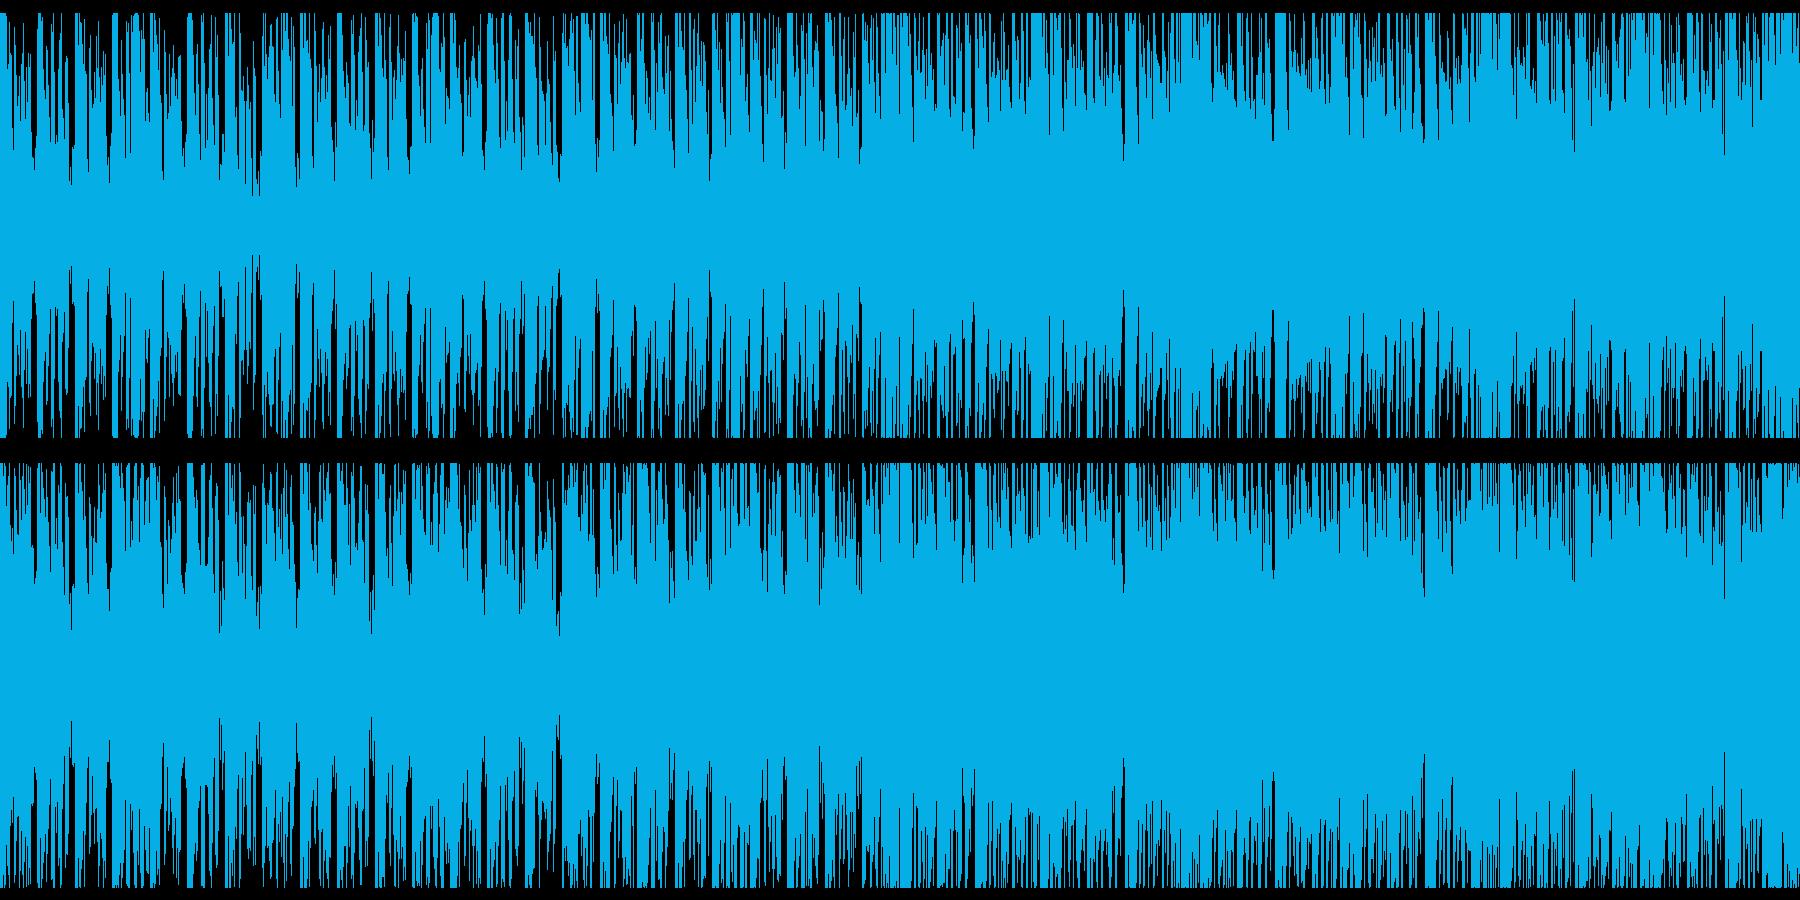 オシャレでほのぼのピコピコした日常曲の再生済みの波形